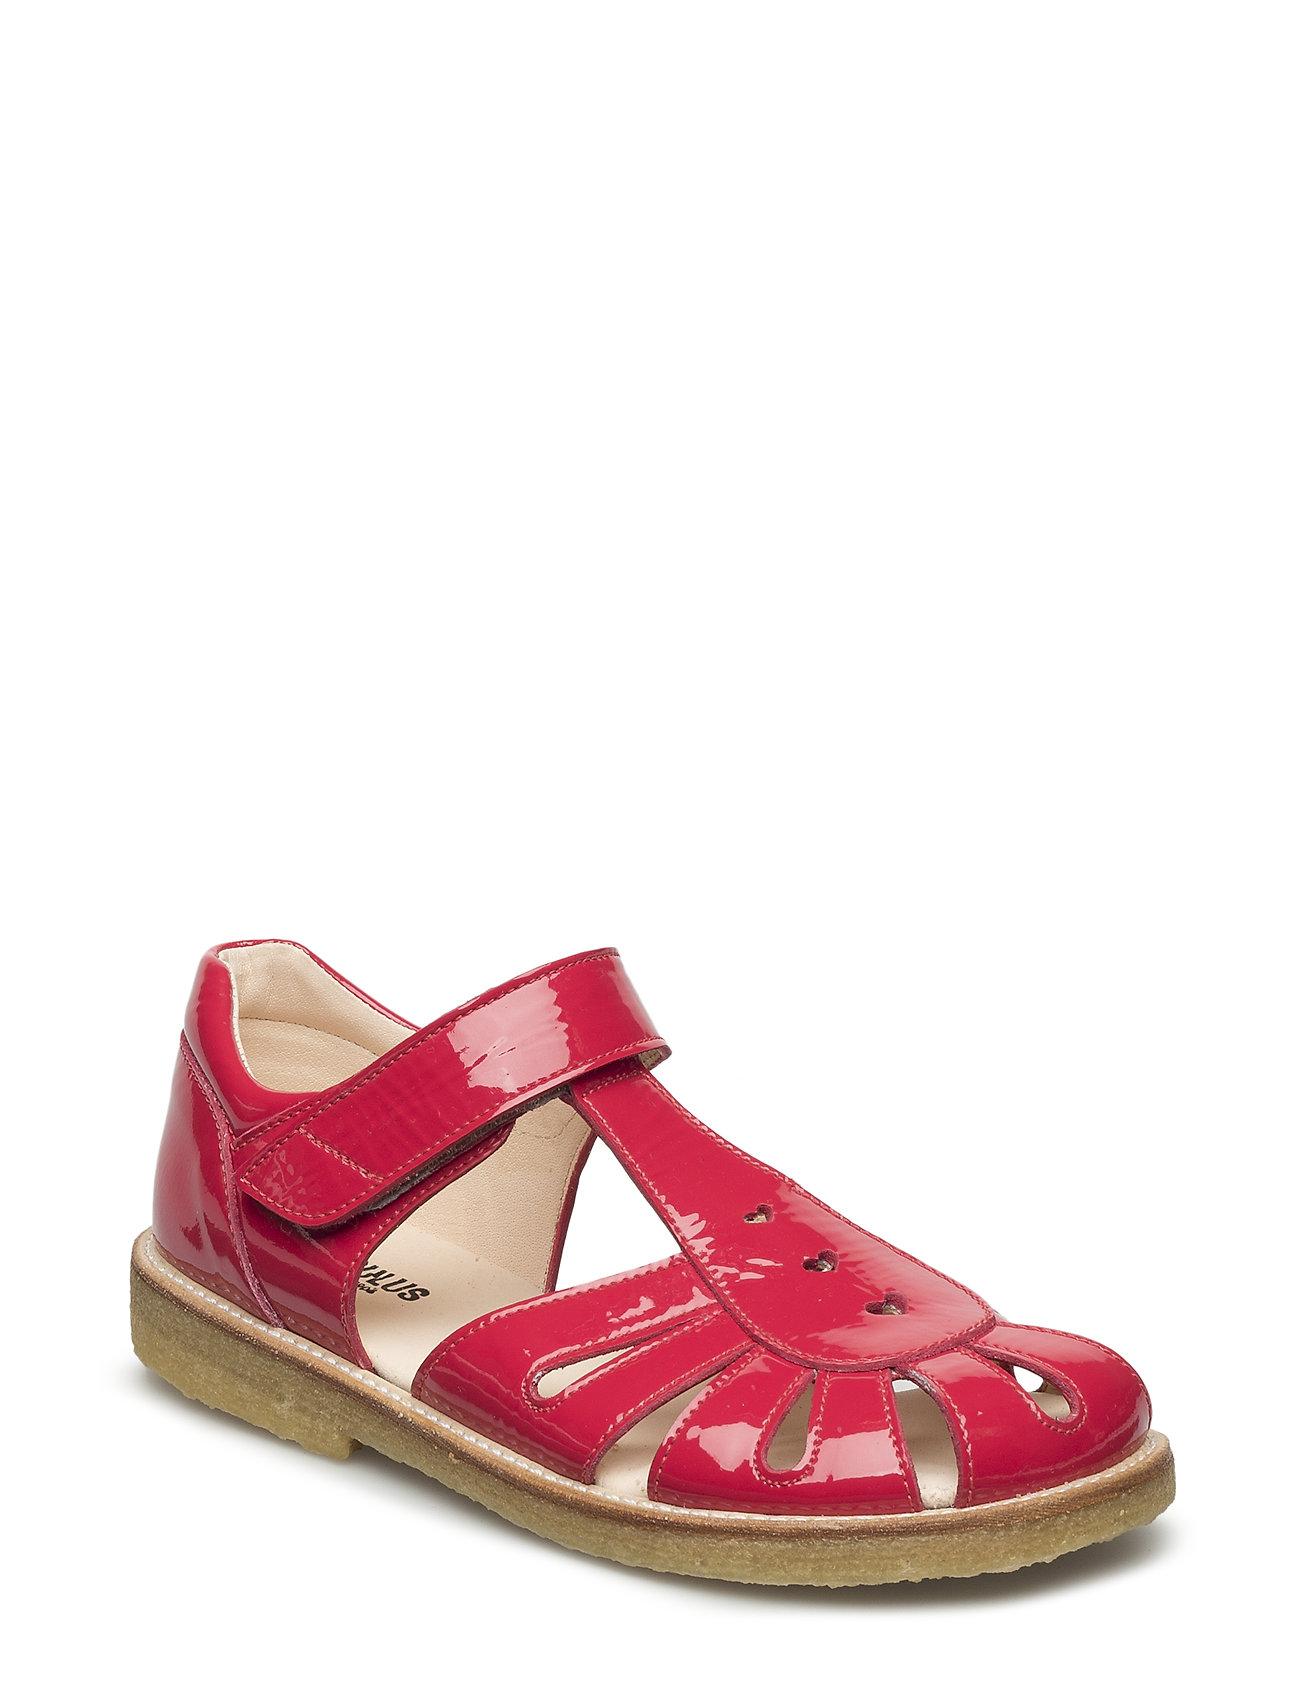 Sandal With Harts And Velcro Closure ANGULUS Sandaler til Børn i 1387 Rose